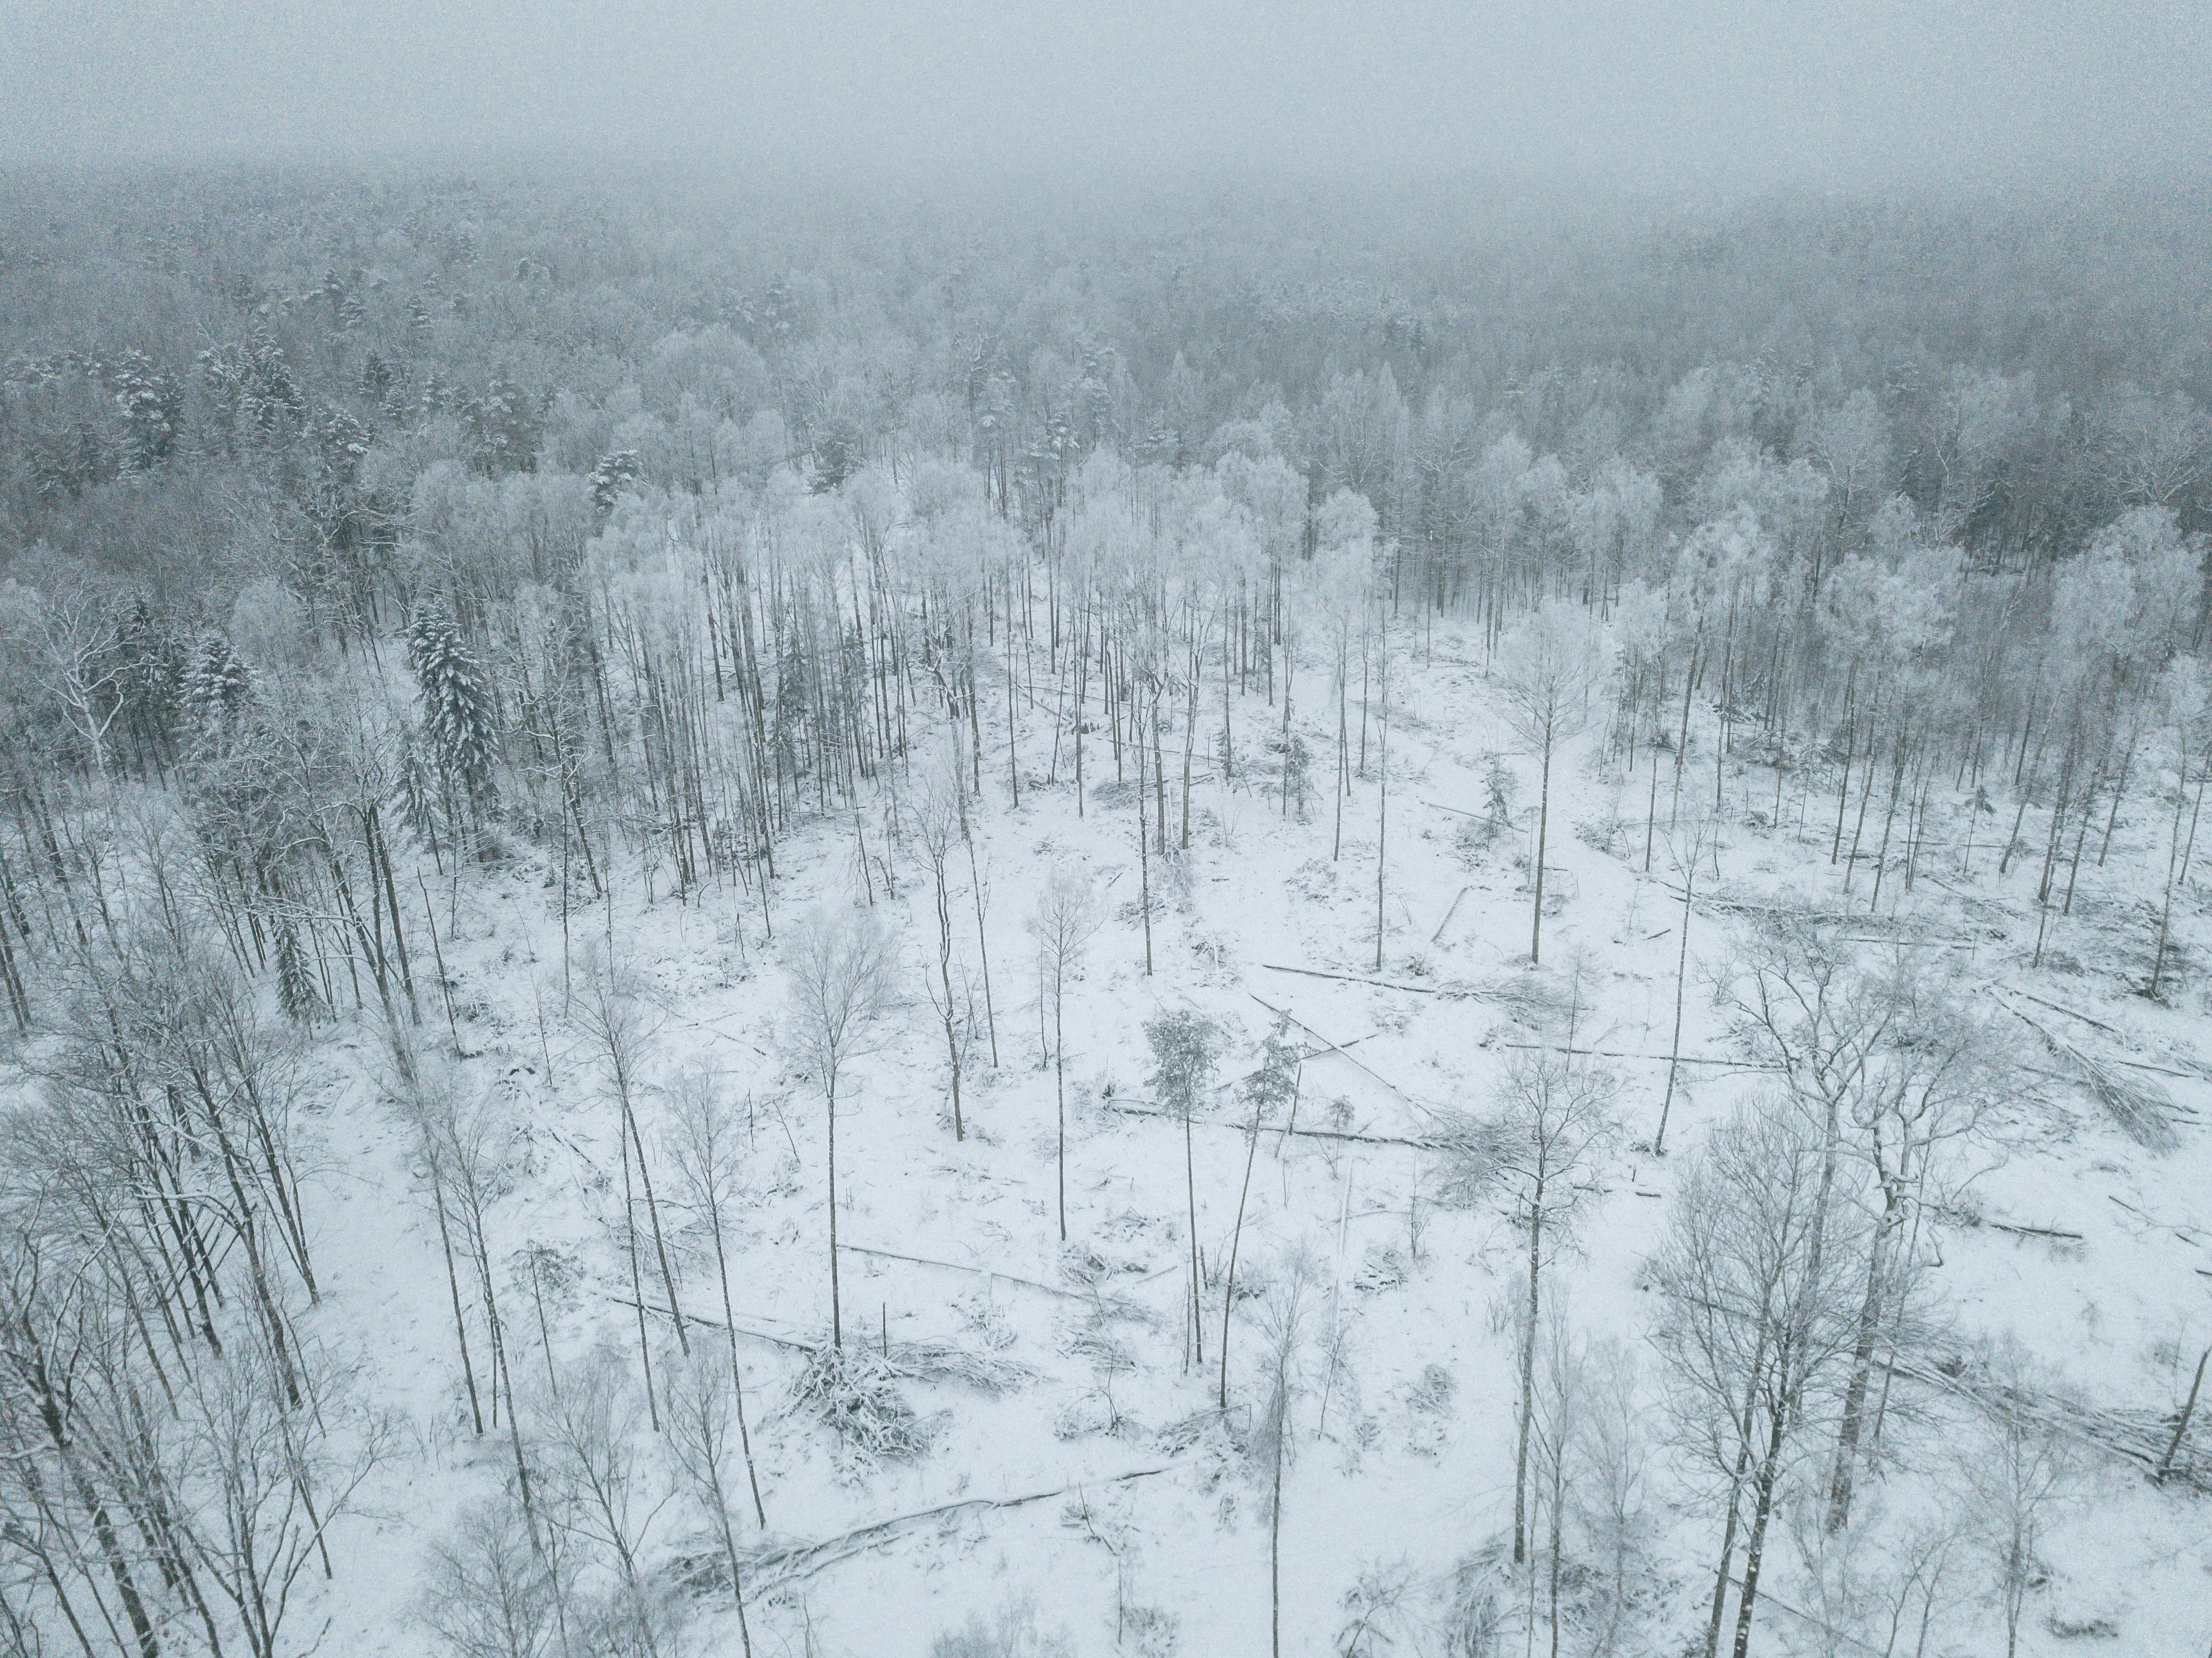 Ha pasado más de un año desde que se ordenó detener la tala en el bosque de Bialowieza, pero las cicatrices todavía son visibles. (Andrea Mantovani/The New York Times)